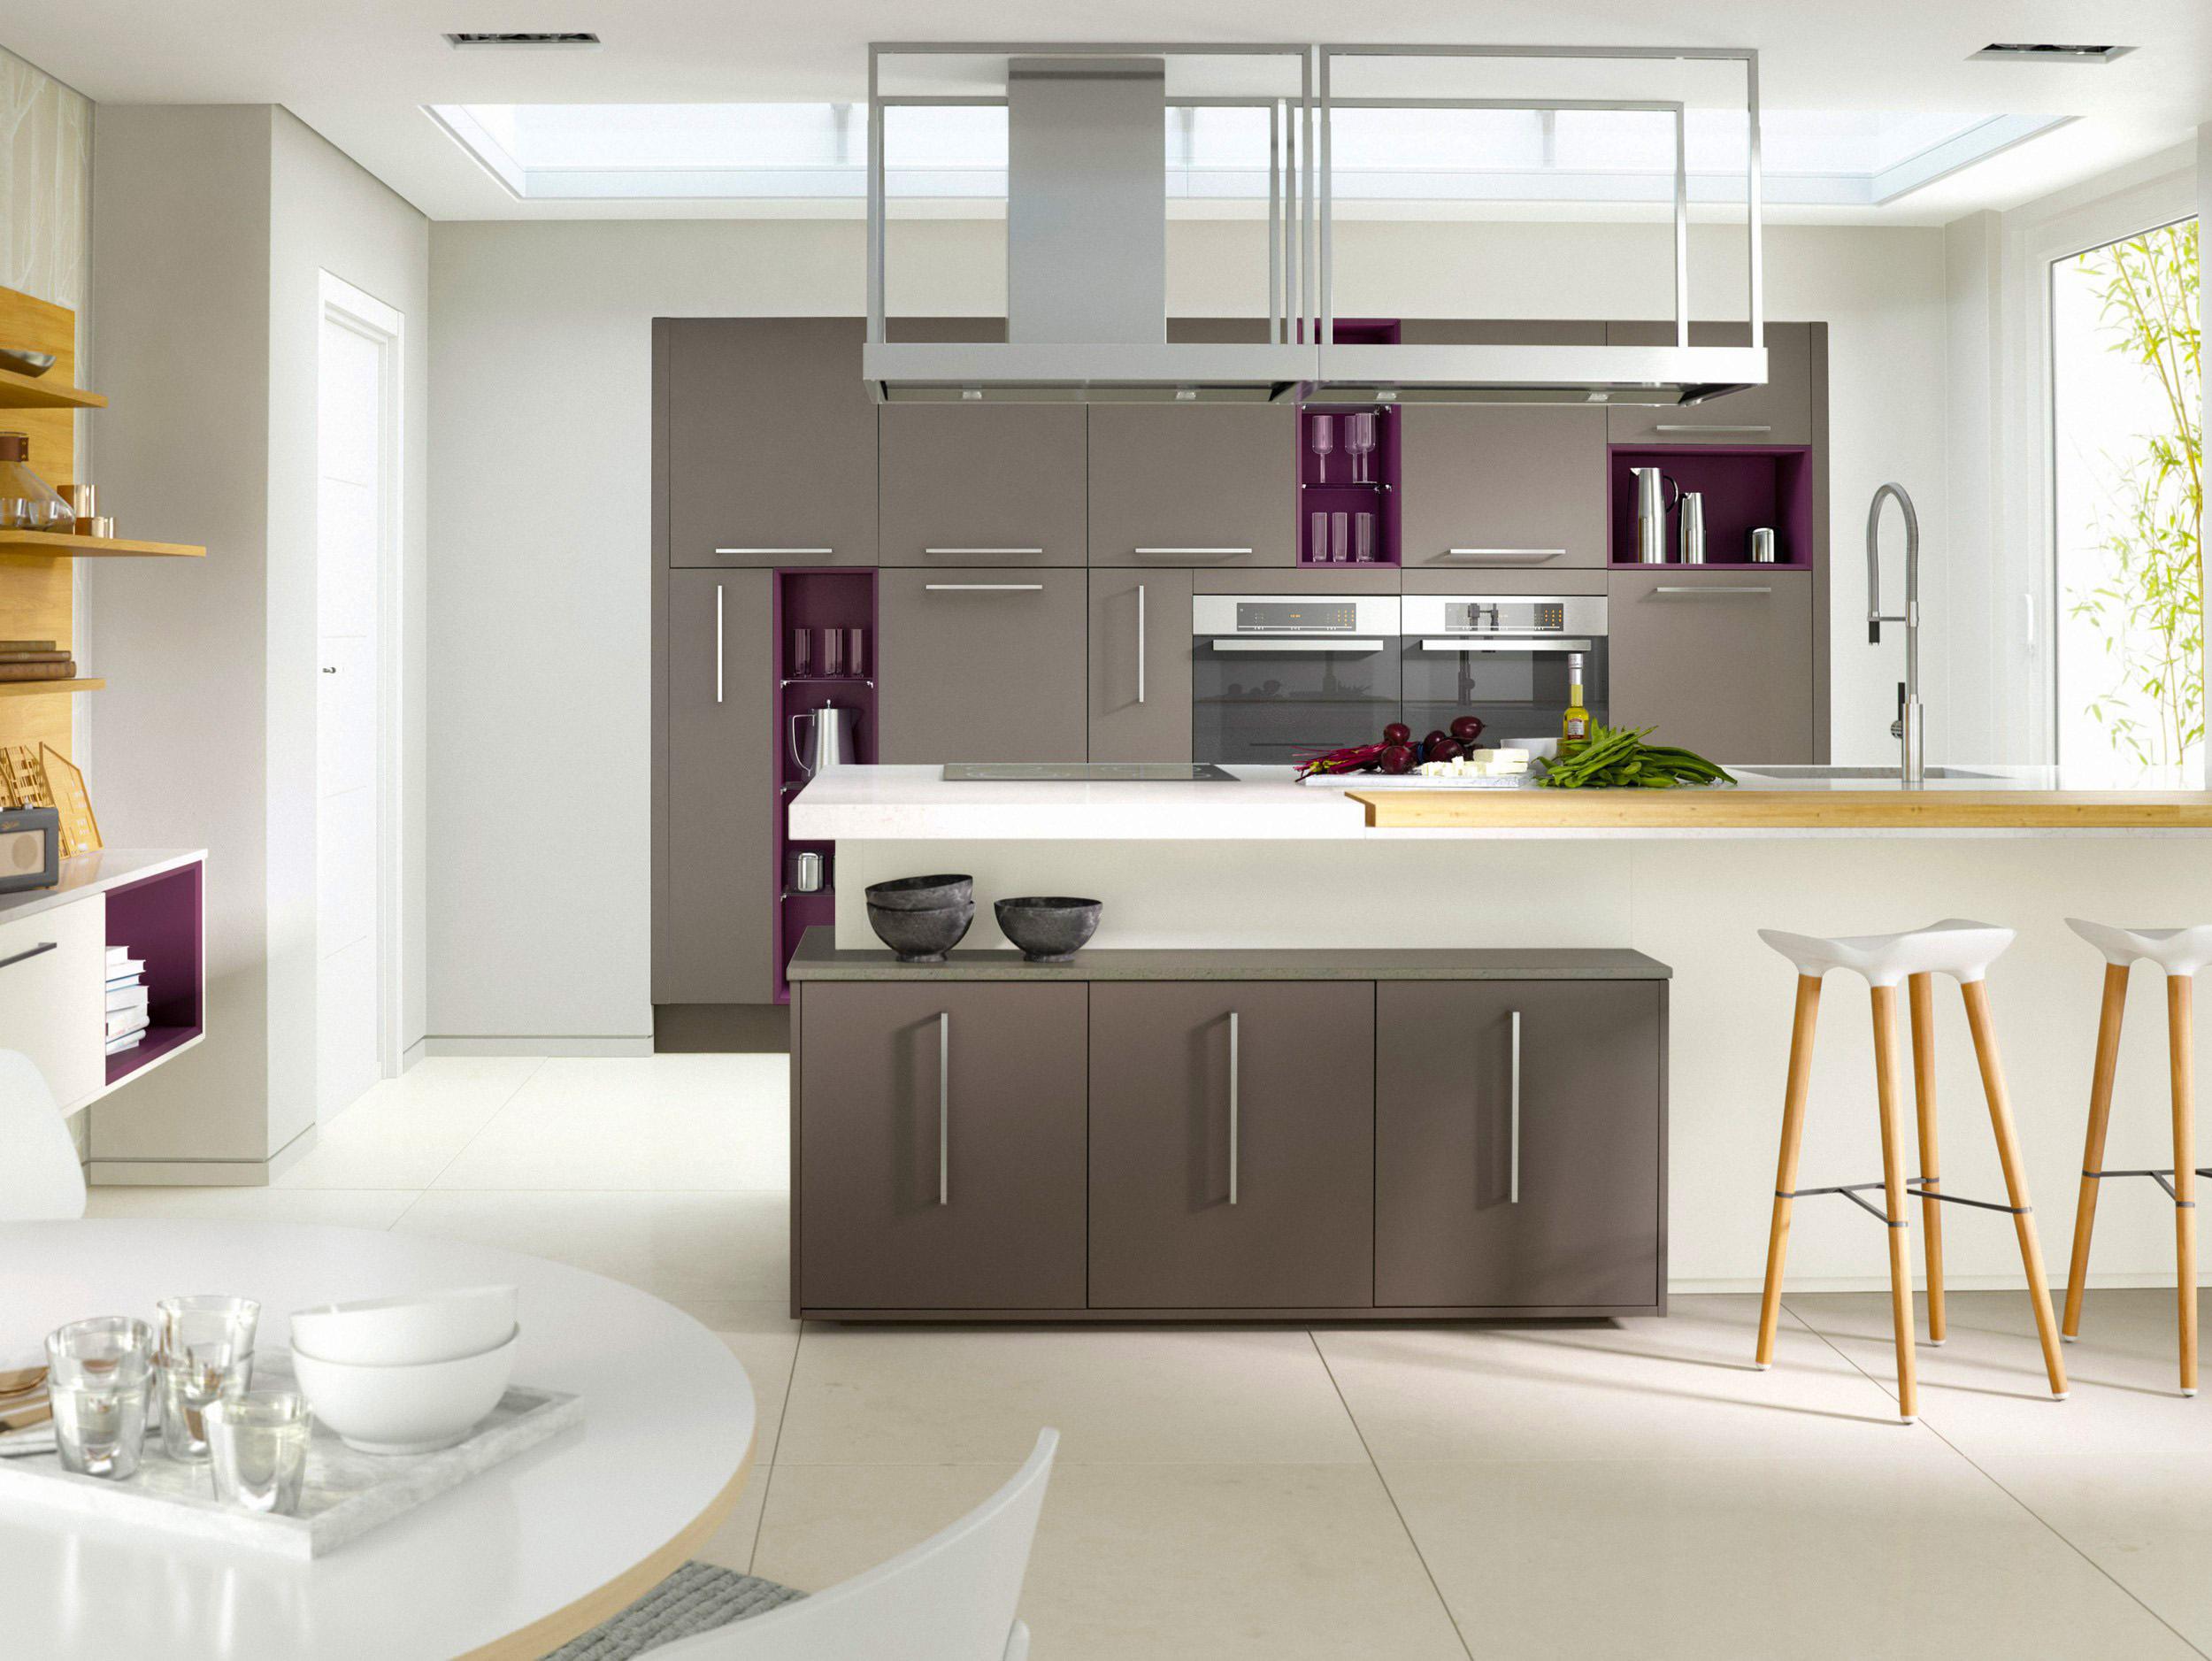 Contemporary Kitchen Designs Classy Design Ideas Of Modern Kitchen